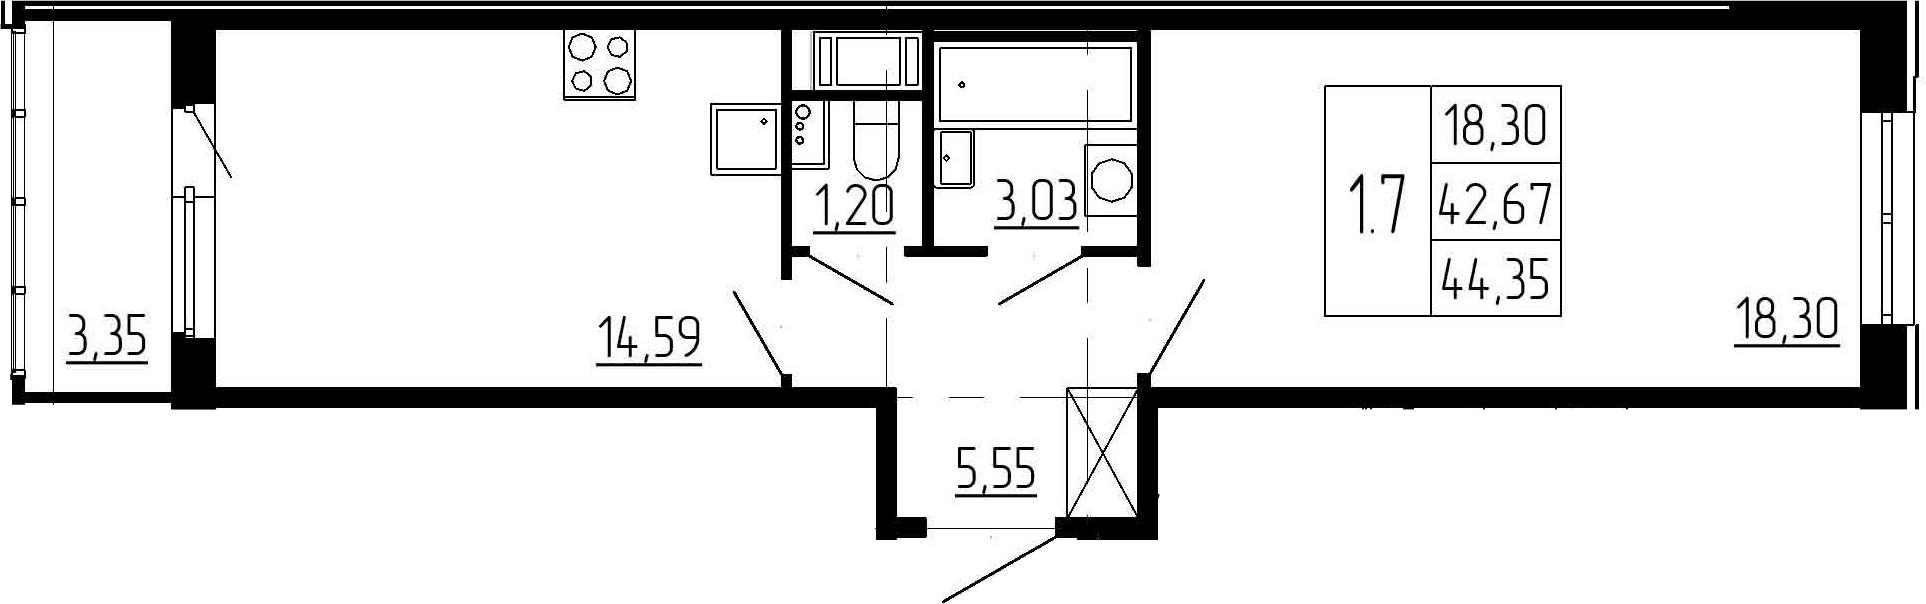 1-к.кв, 42.67 м², 5 этаж